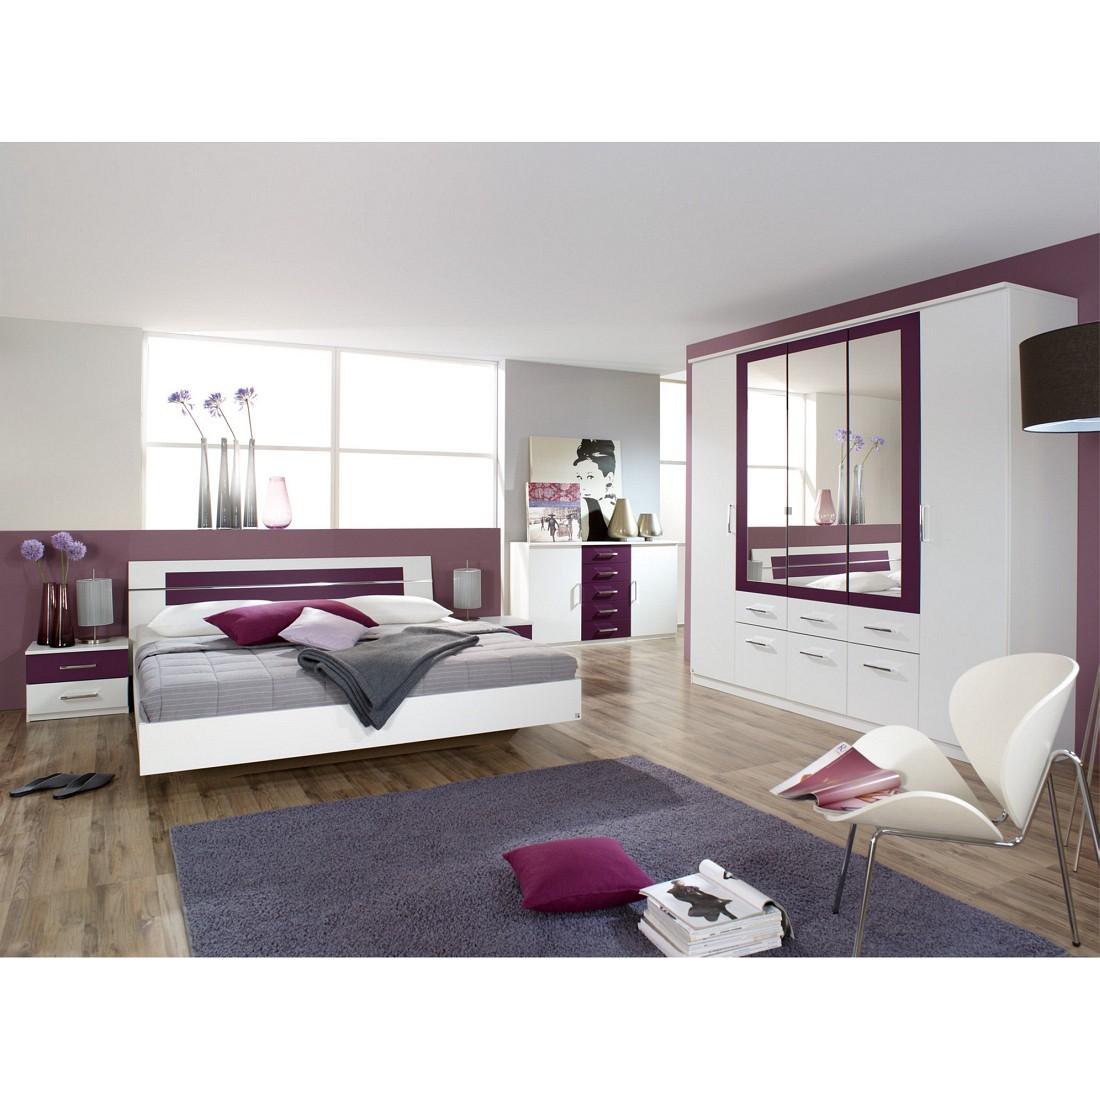 Schlafzimmer-Set Burano (4-teilig) - Alpinweiß/Brombeer ...